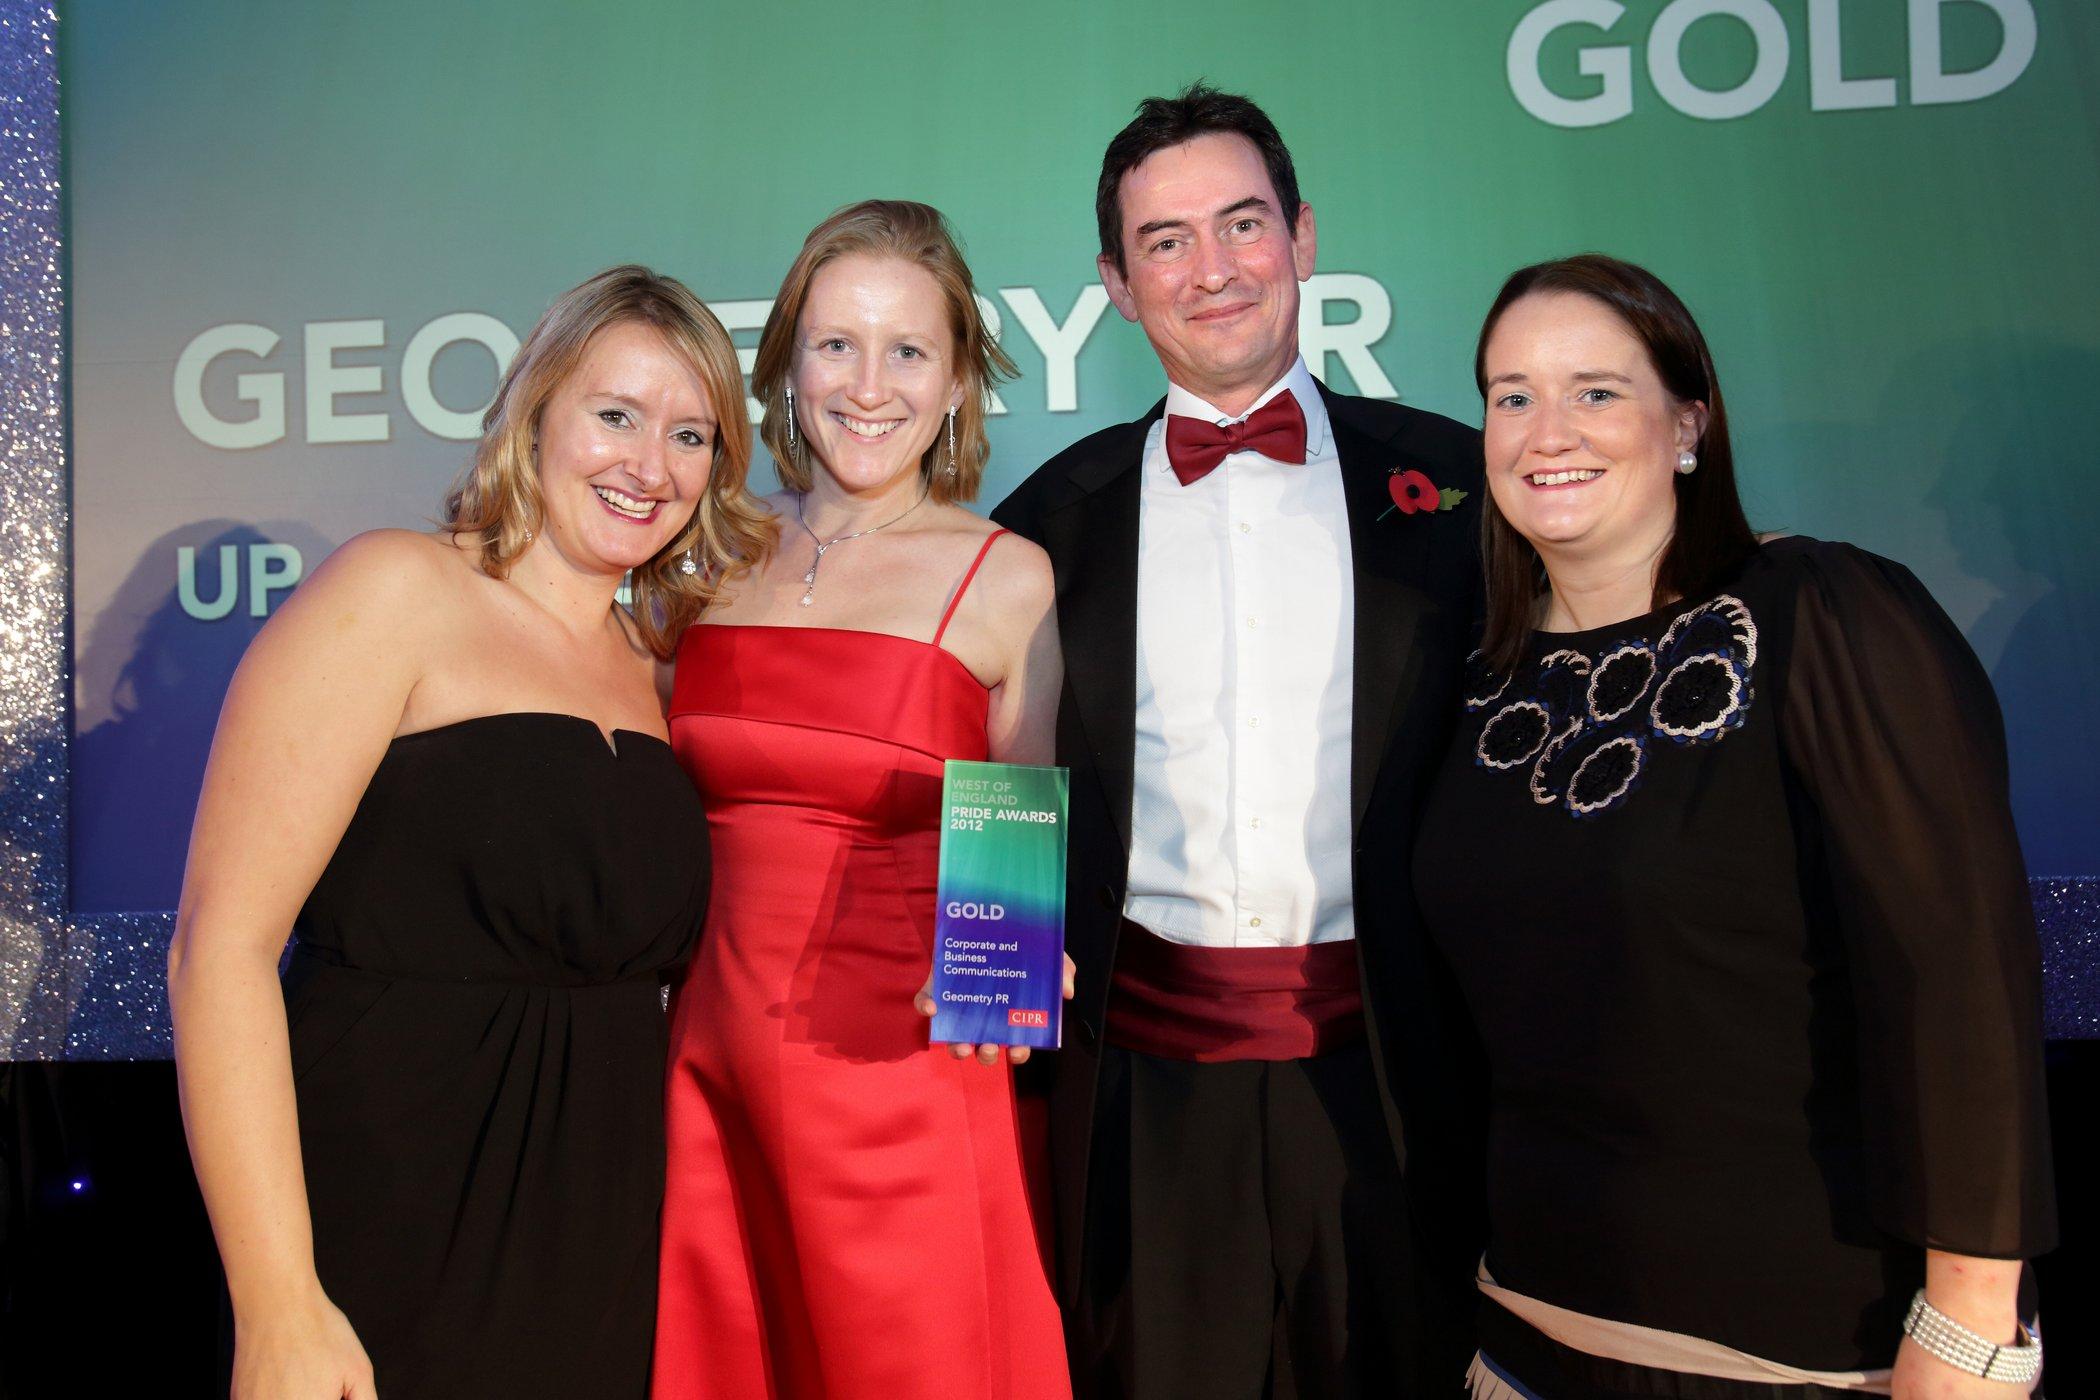 Top PR awards for Bath agencies Media Safari and Geometry